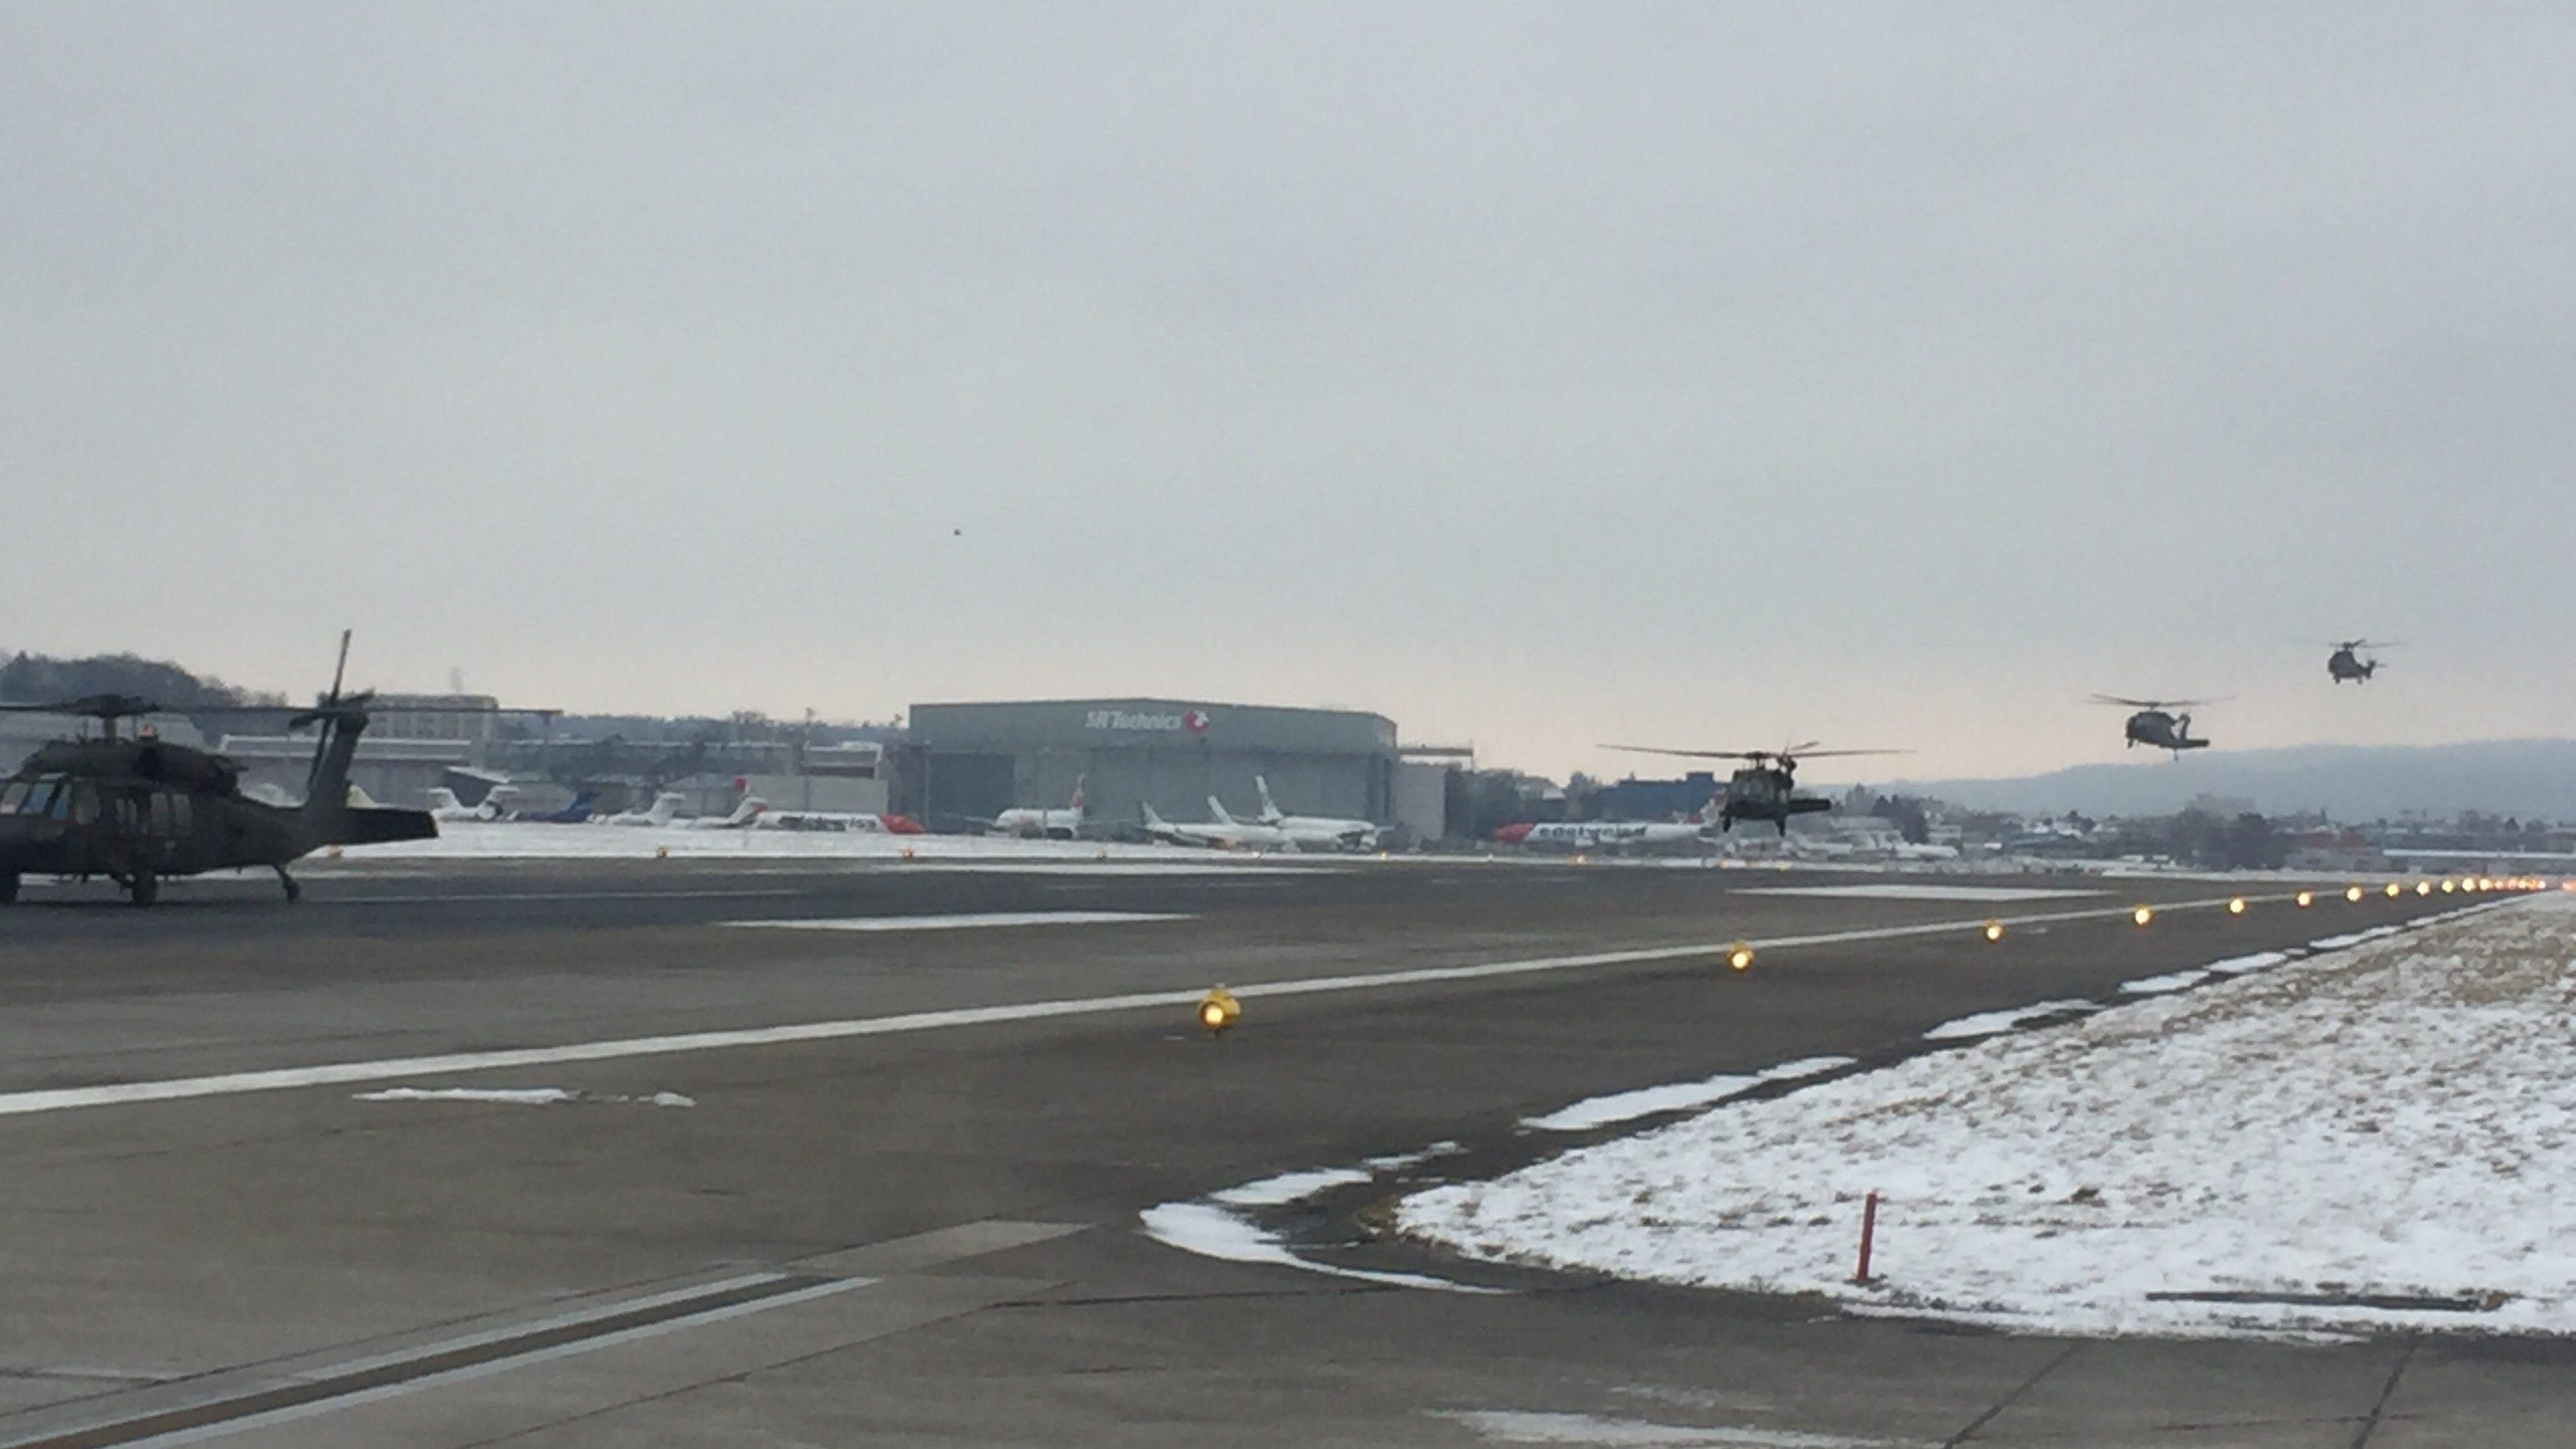 Joe Biden's escort landing in Zurich